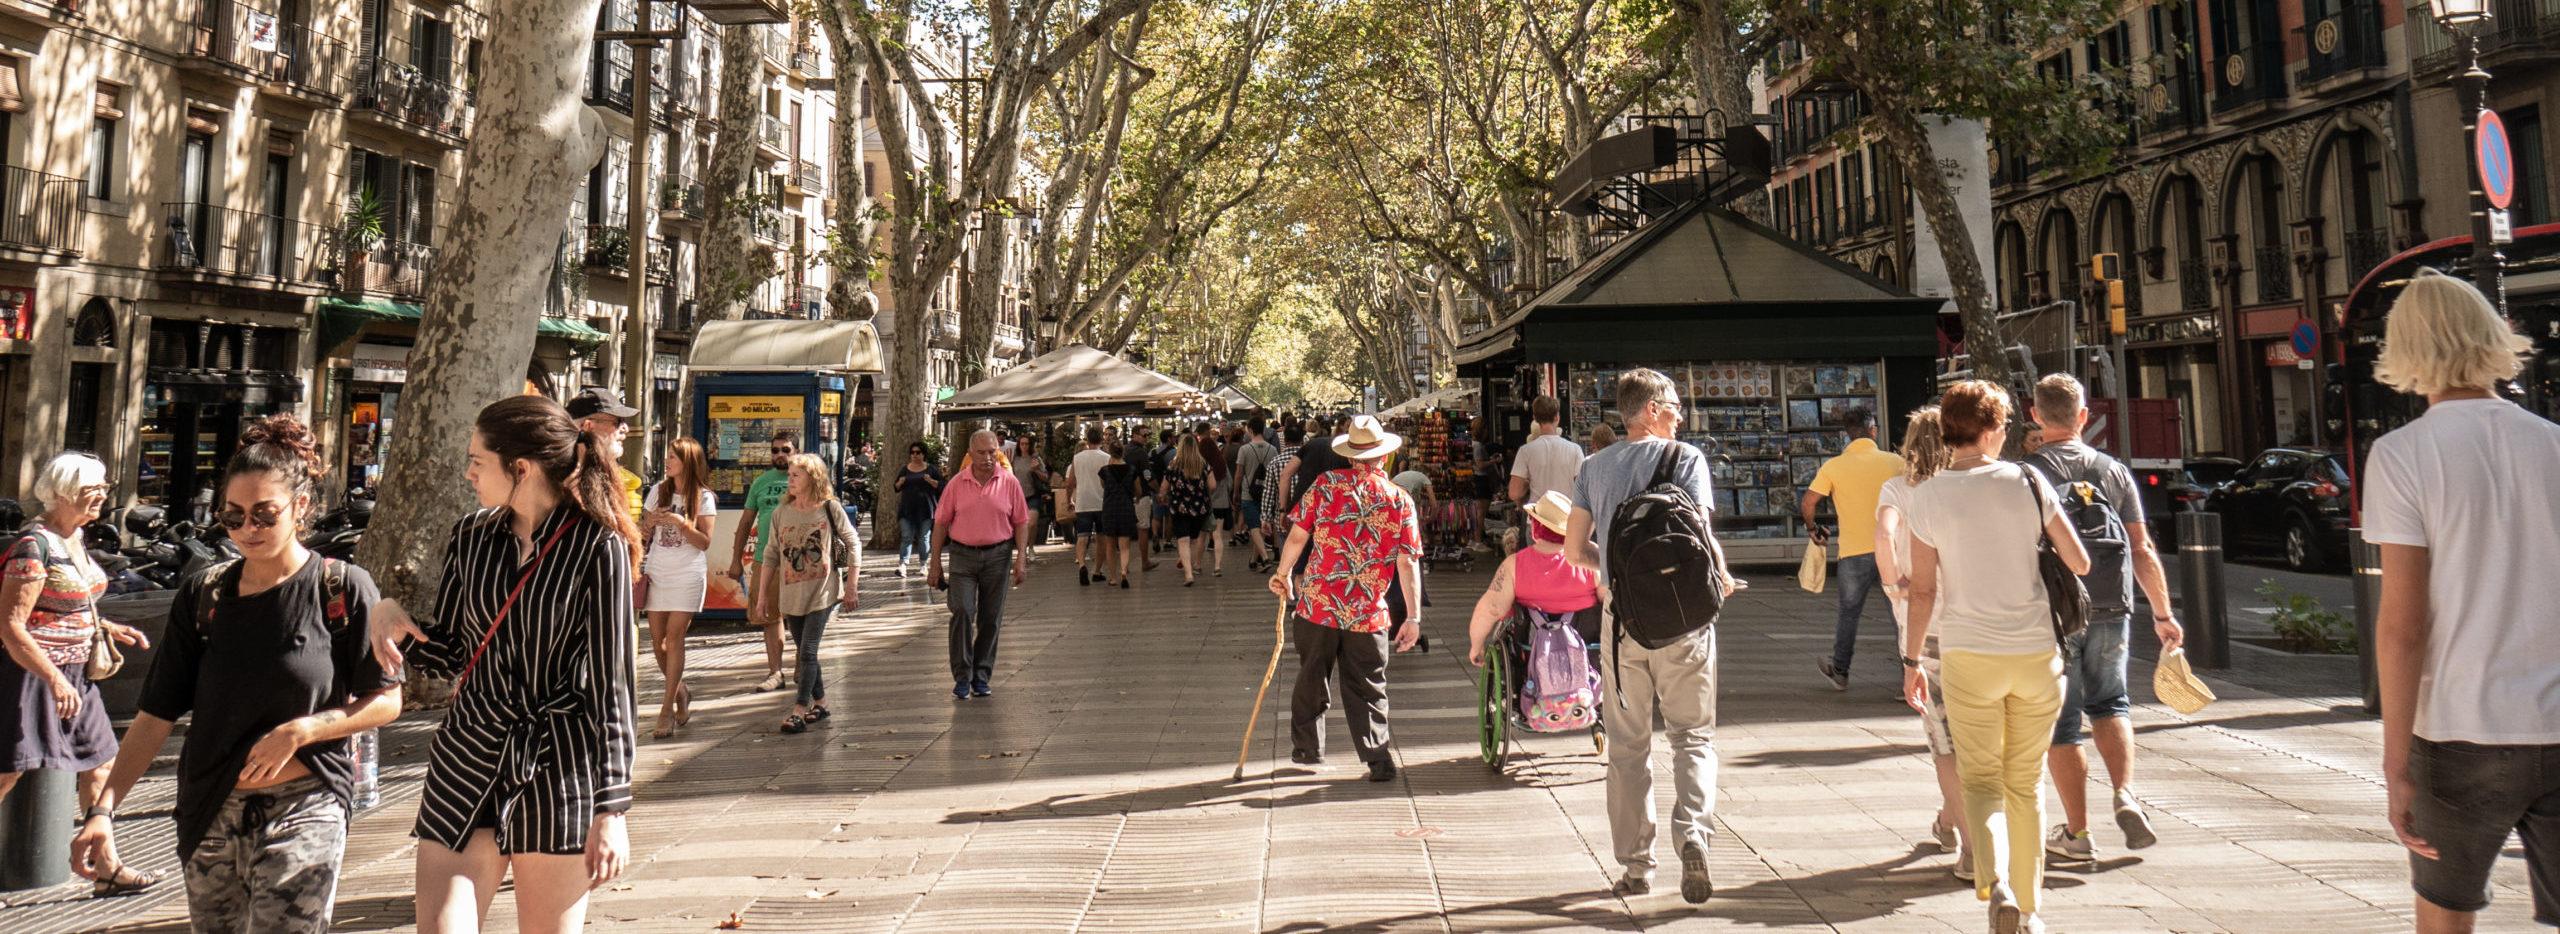 Beispielbild, Menschen laufen über einen Markt